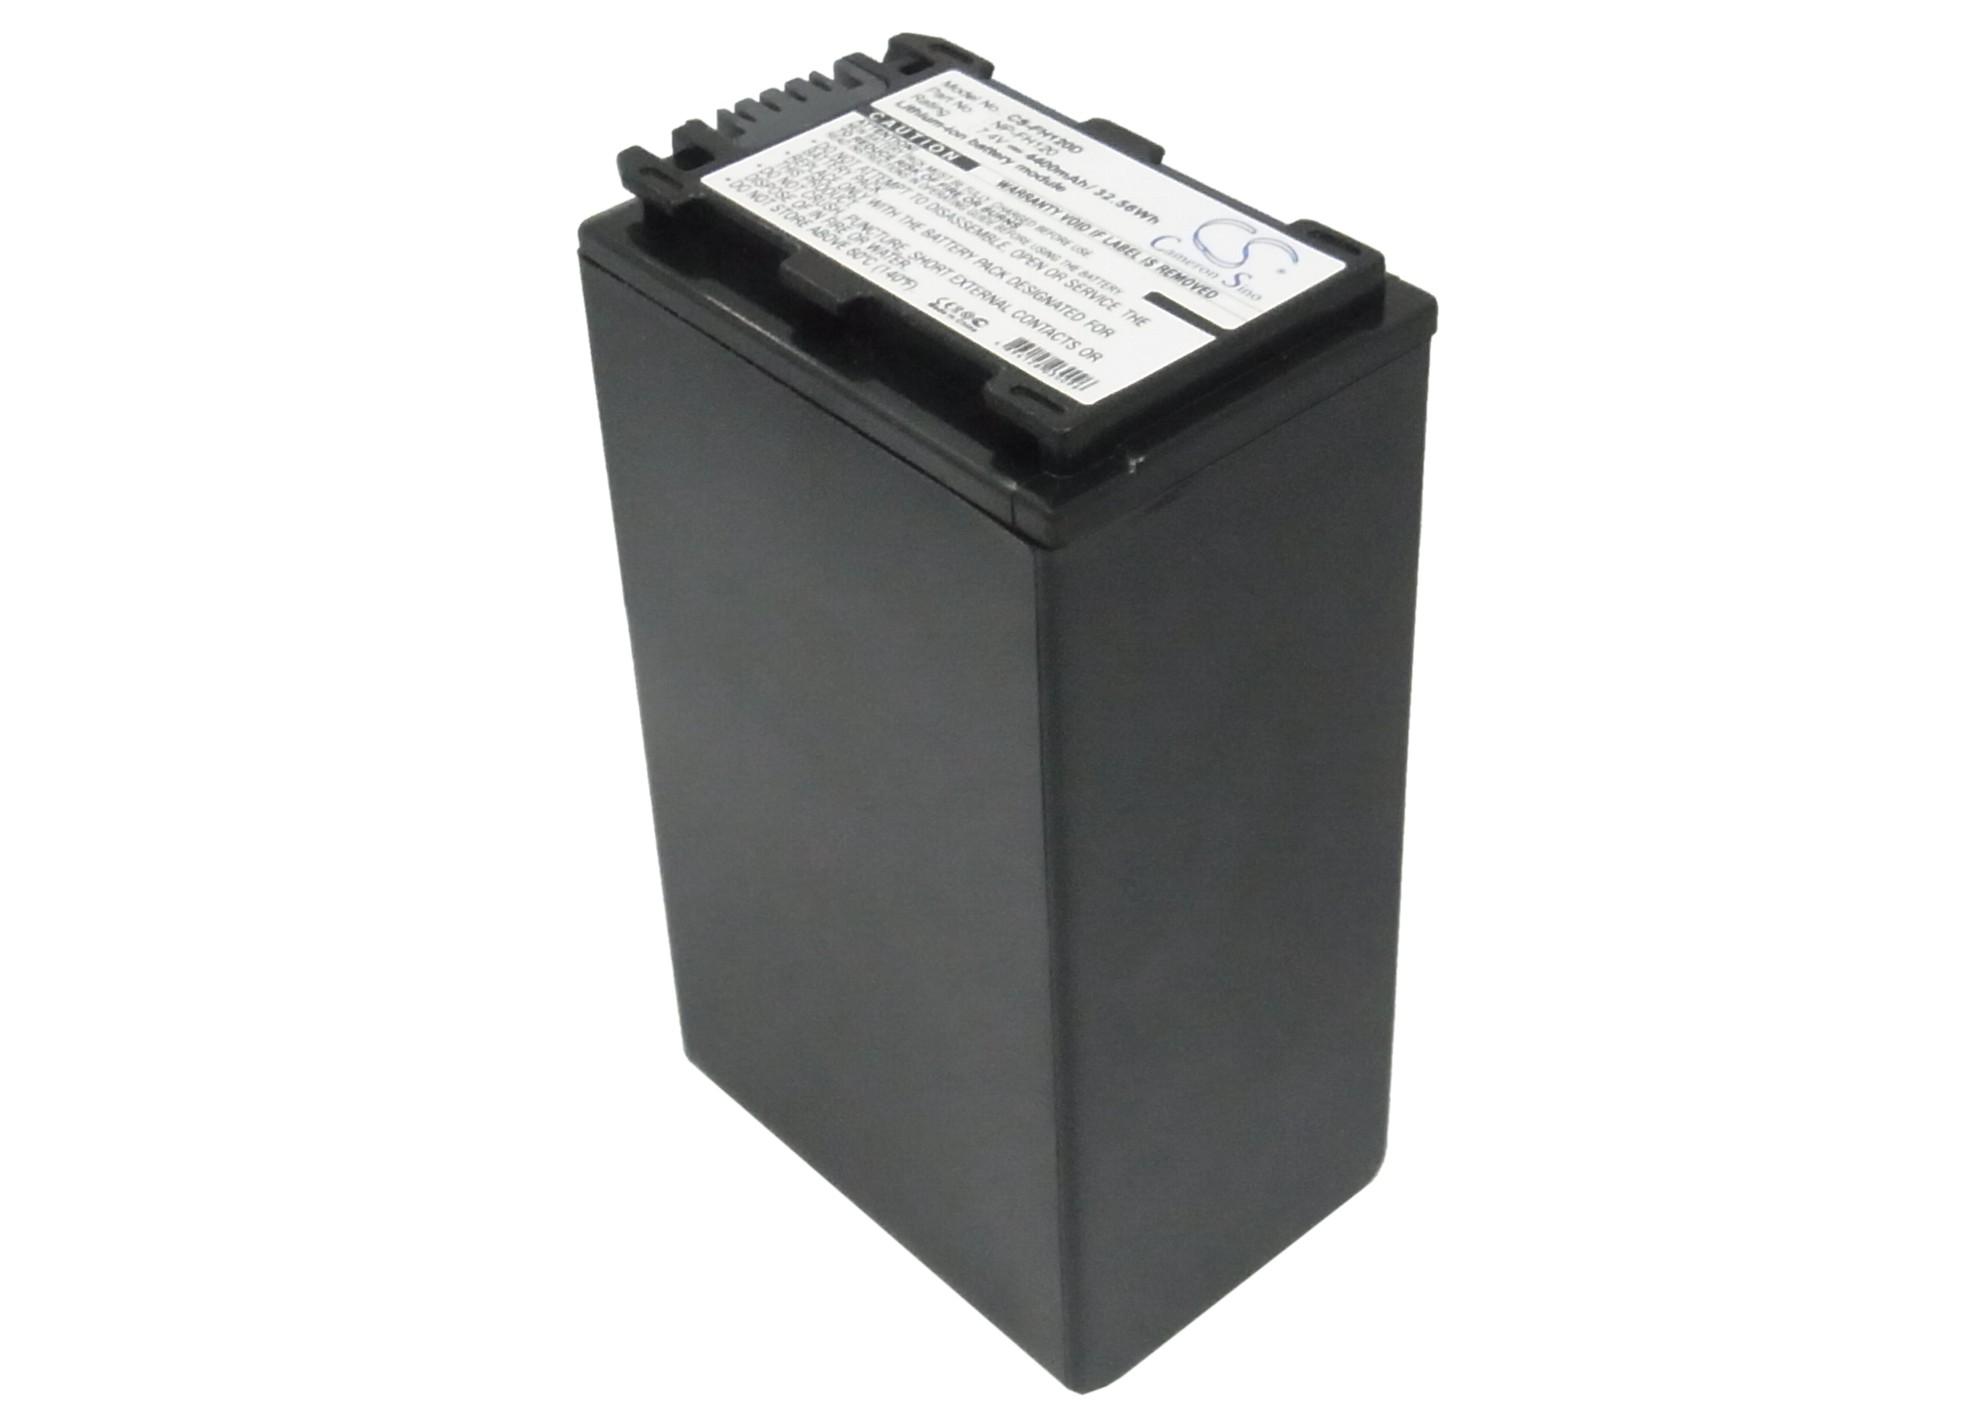 Cameron Sino baterie do kamer a fotoaparátů pro SONY DCR-HC30 7.4V Li-ion 4400mAh černá - neoriginální